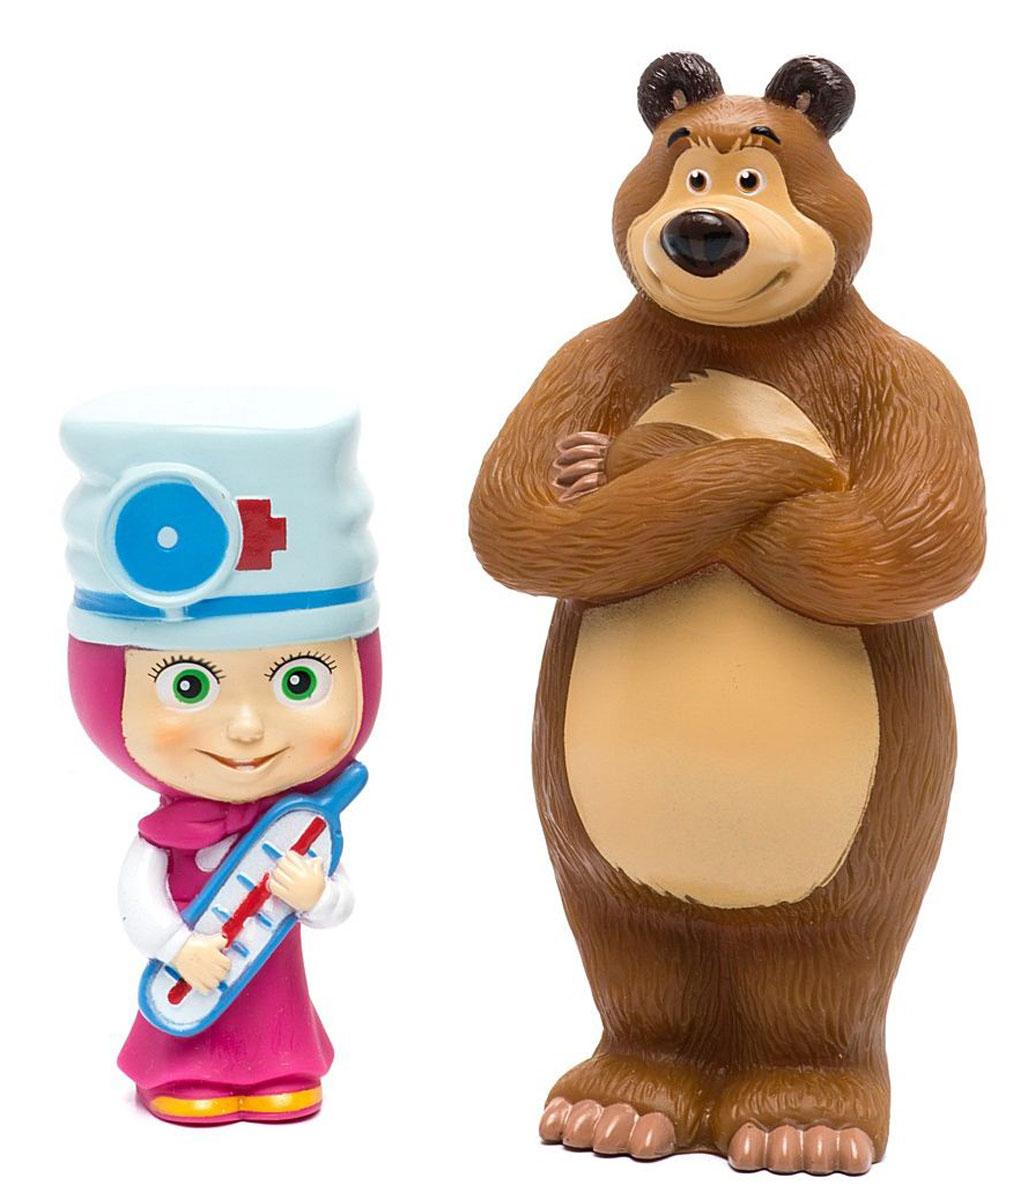 Фото Маша и Медведь Набор игрушек для ванной Маша-доктор и Мишка. Купить  в РФ